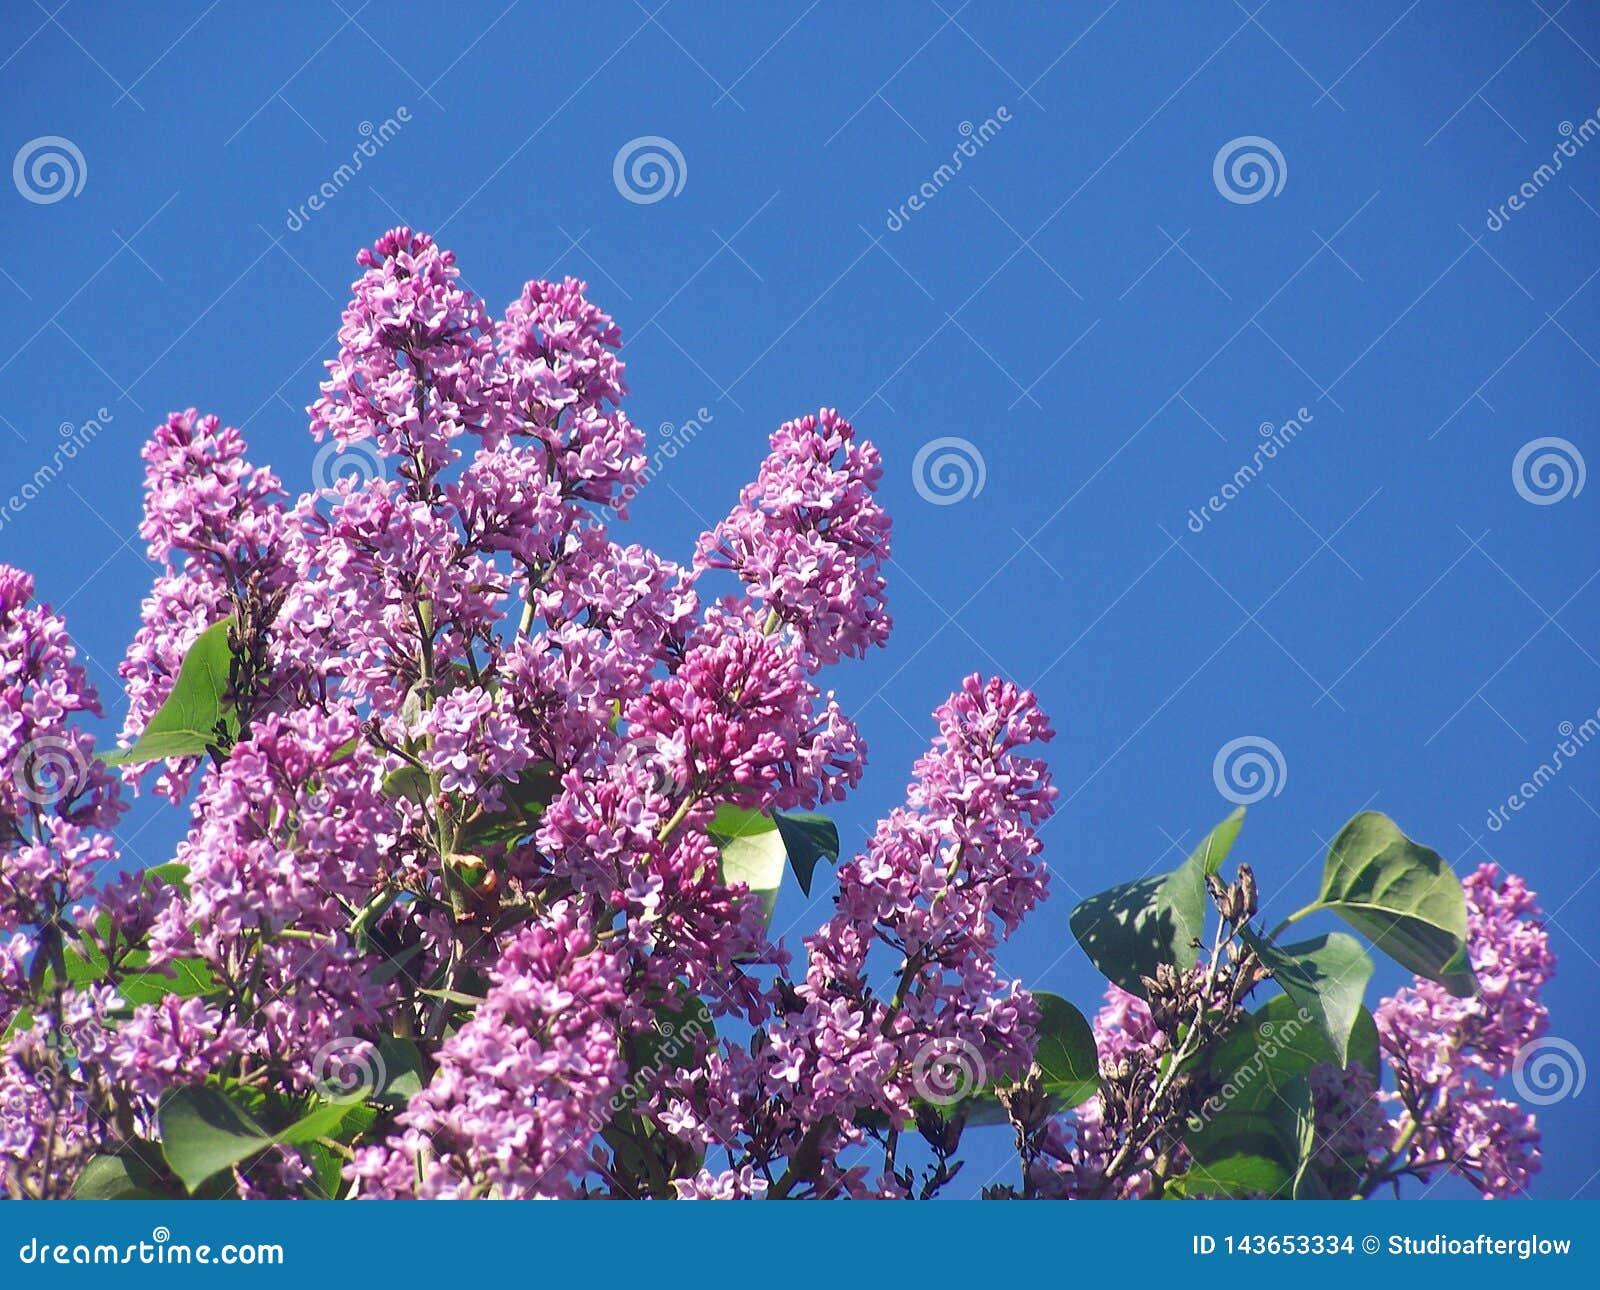 Ιώδη λουλούδια την ηλιόλουστη ημέρα με το υπόβαθρο μπλε ουρανού